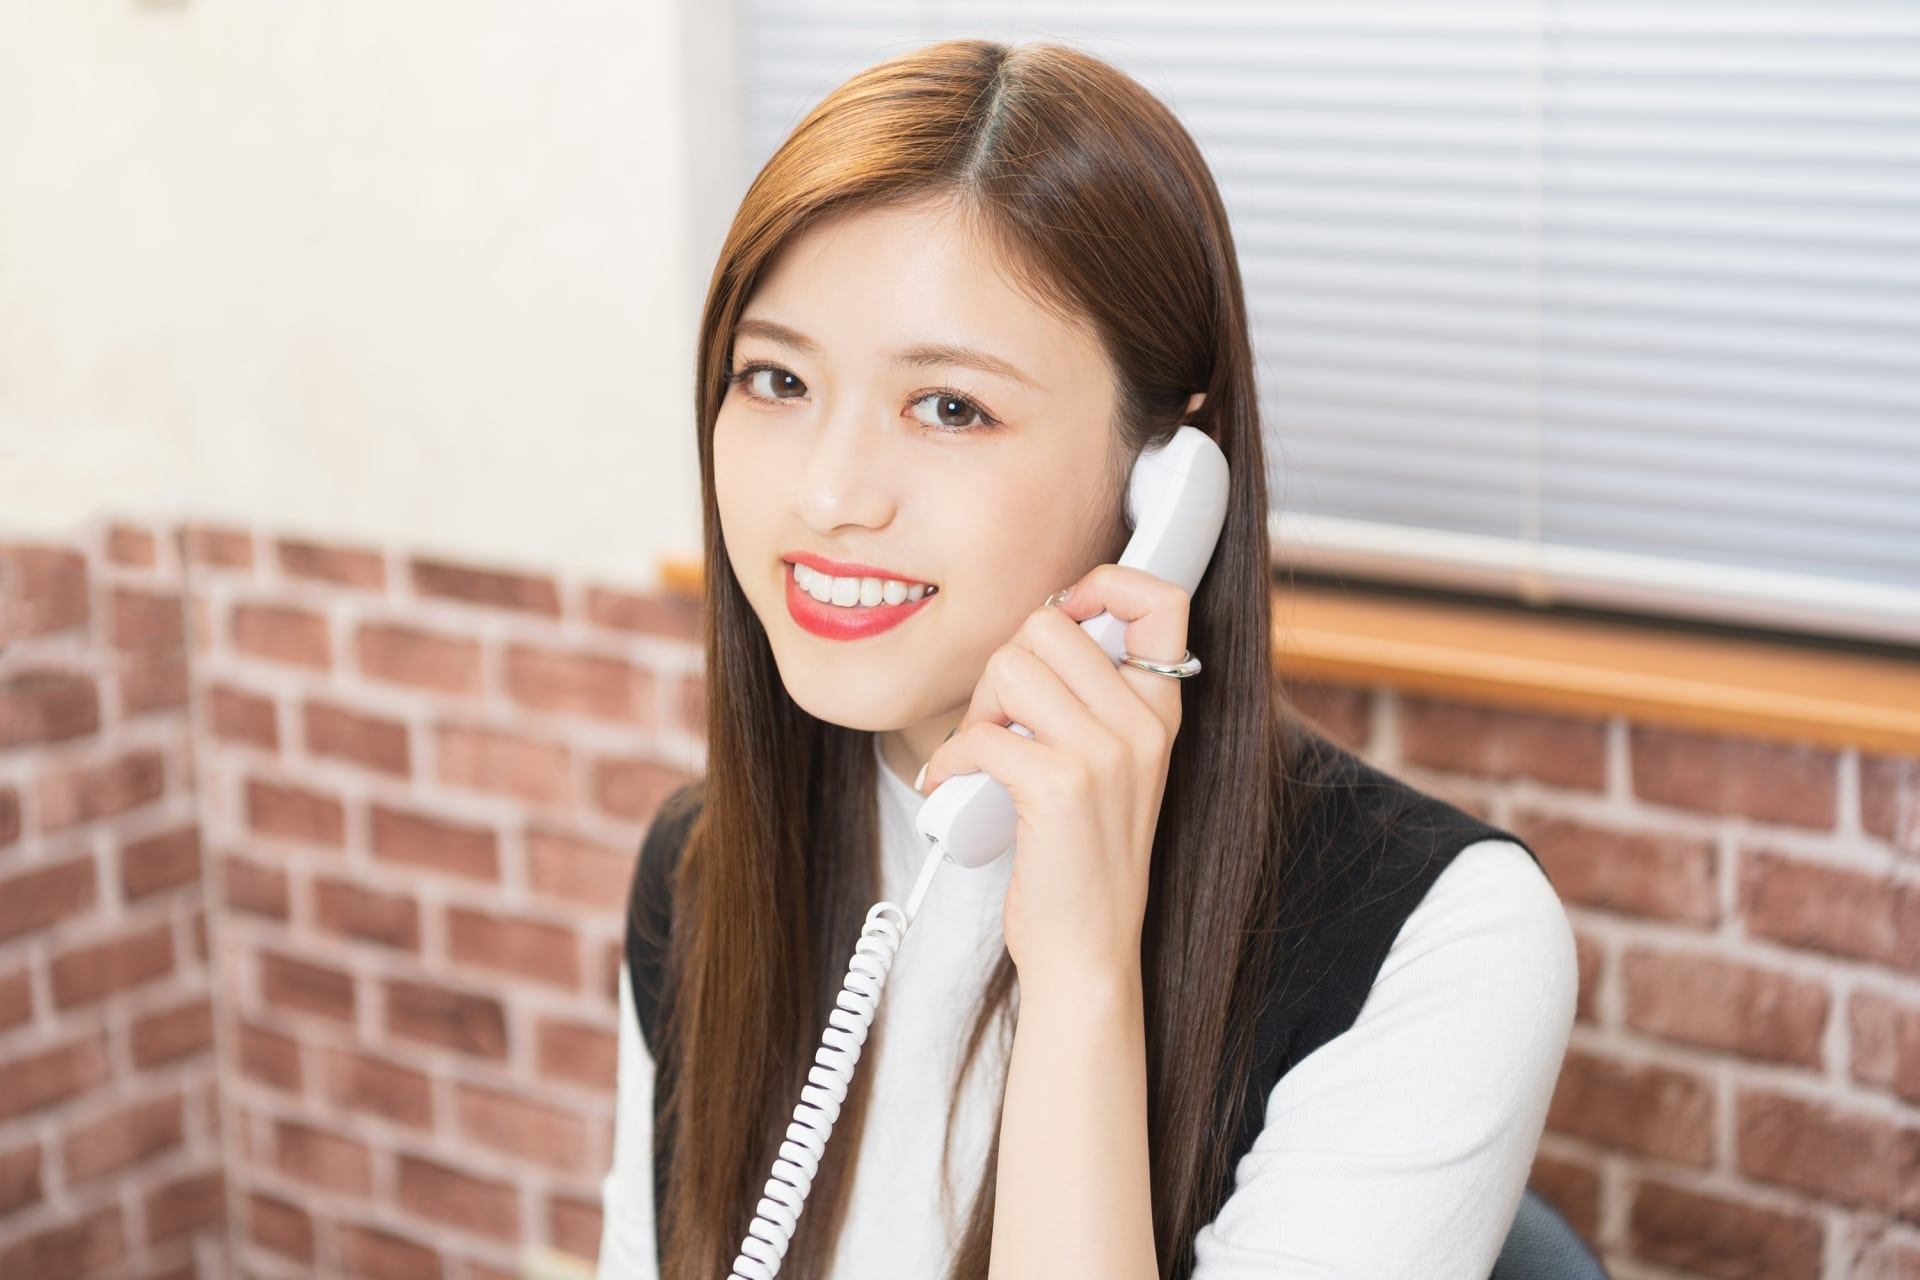 笑顔で電話対応する女性